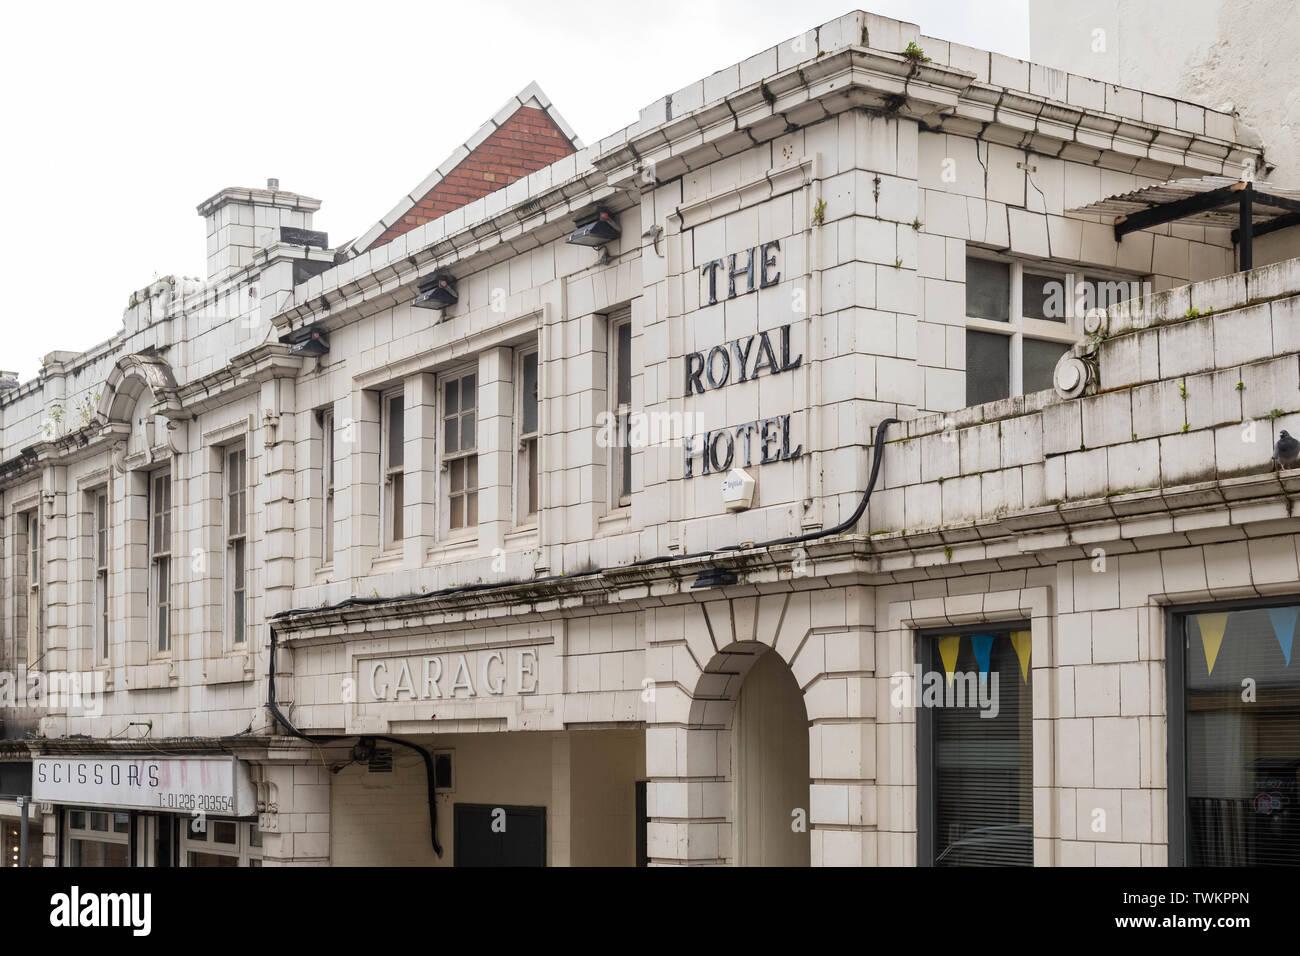 El edificio del Hotel Royal, Barnsley, al sur de Yorkshire, Inglaterra, Reino Unido. Imagen De Stock